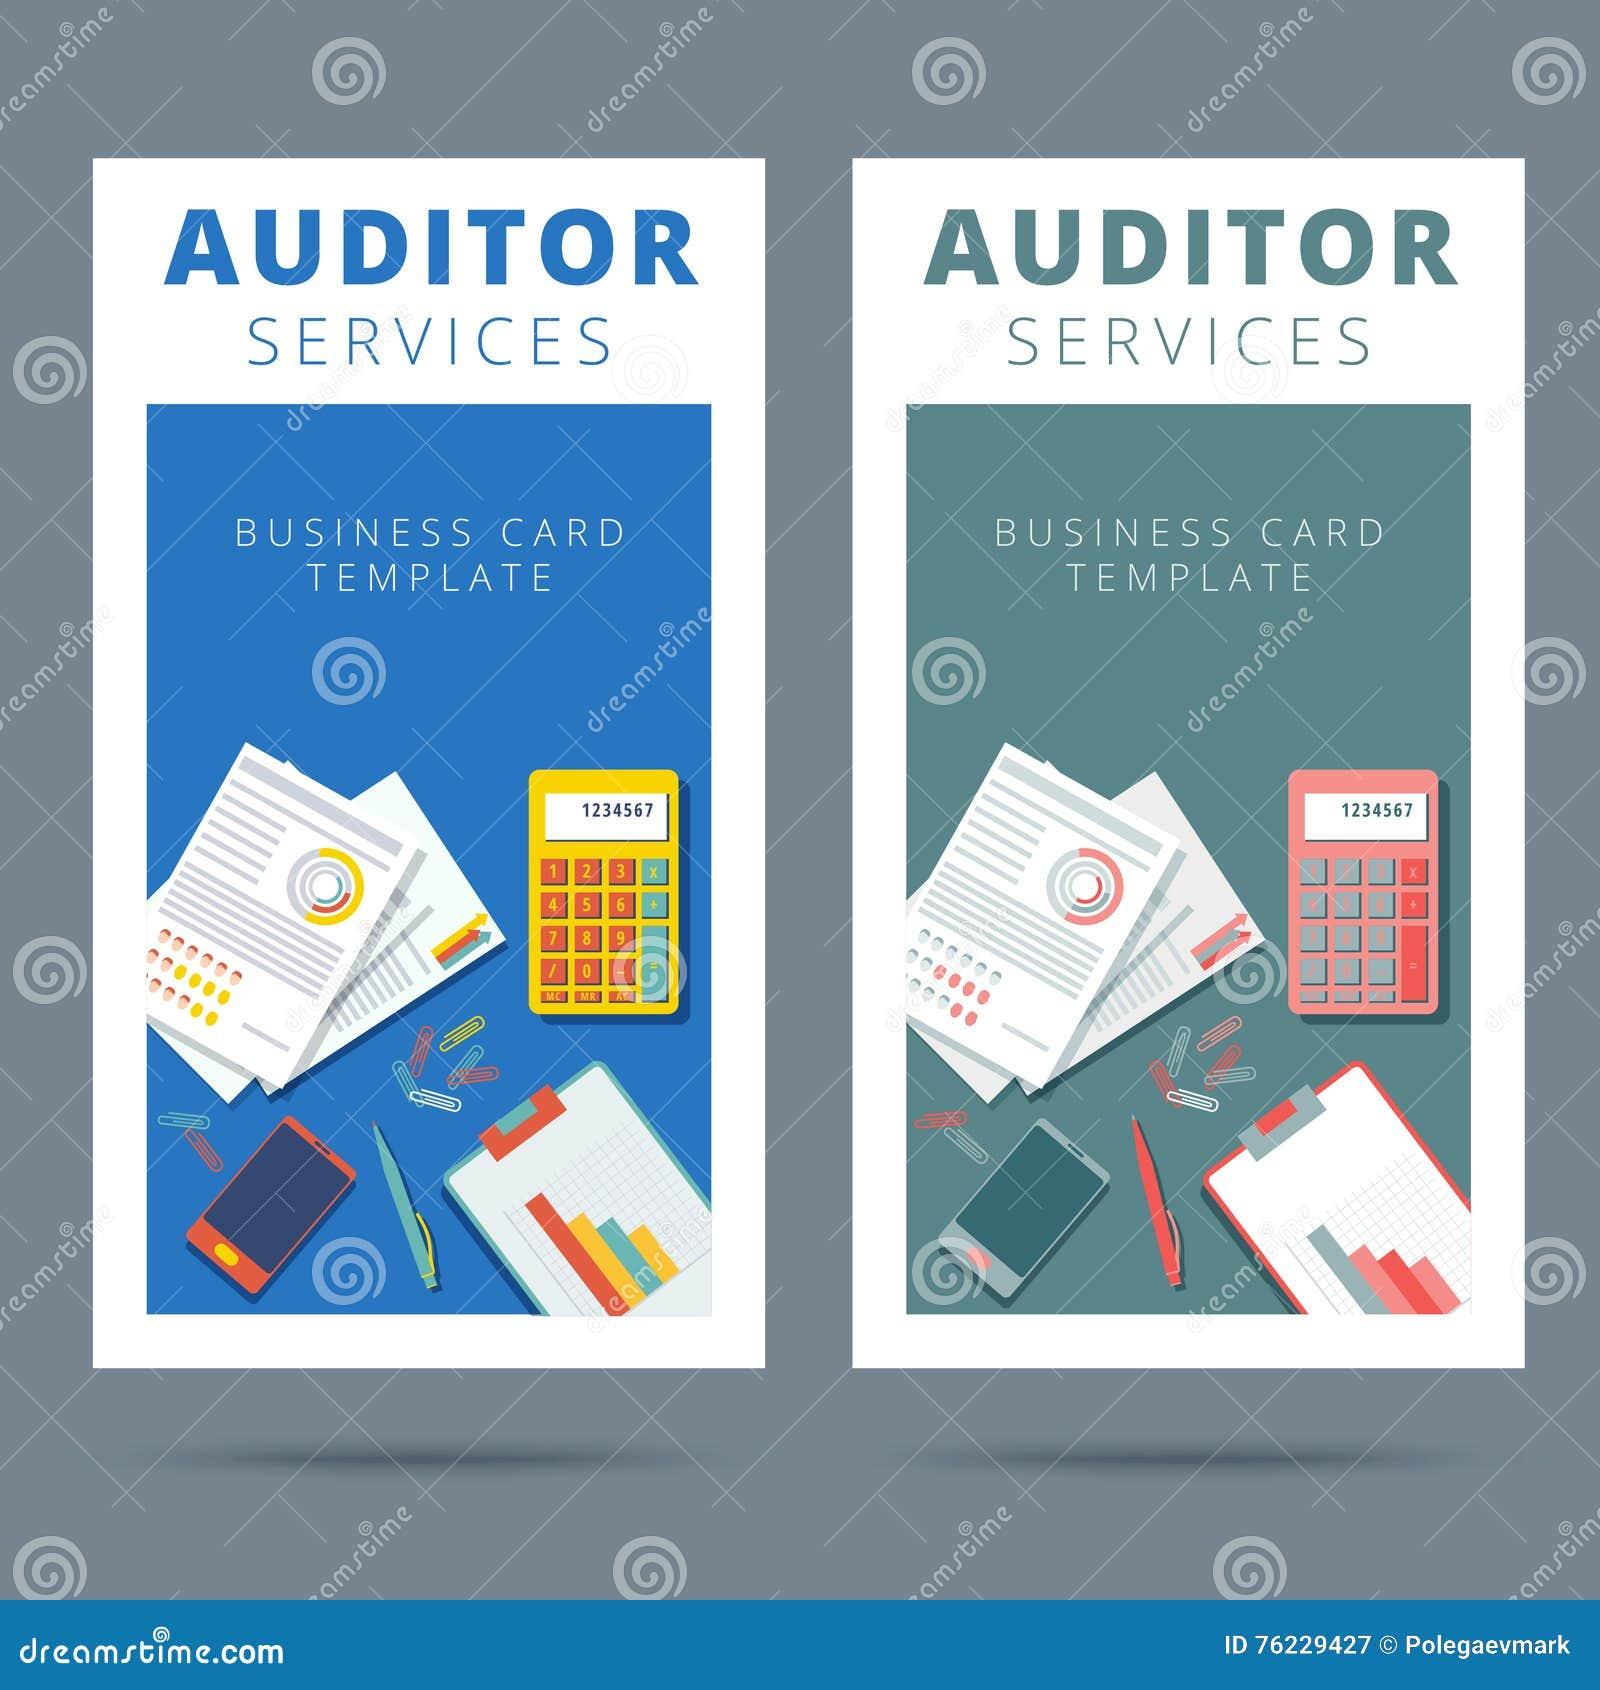 L Audit Et Analyse Financiere Dirigent Le Concept De Carte Visite Professionnelle